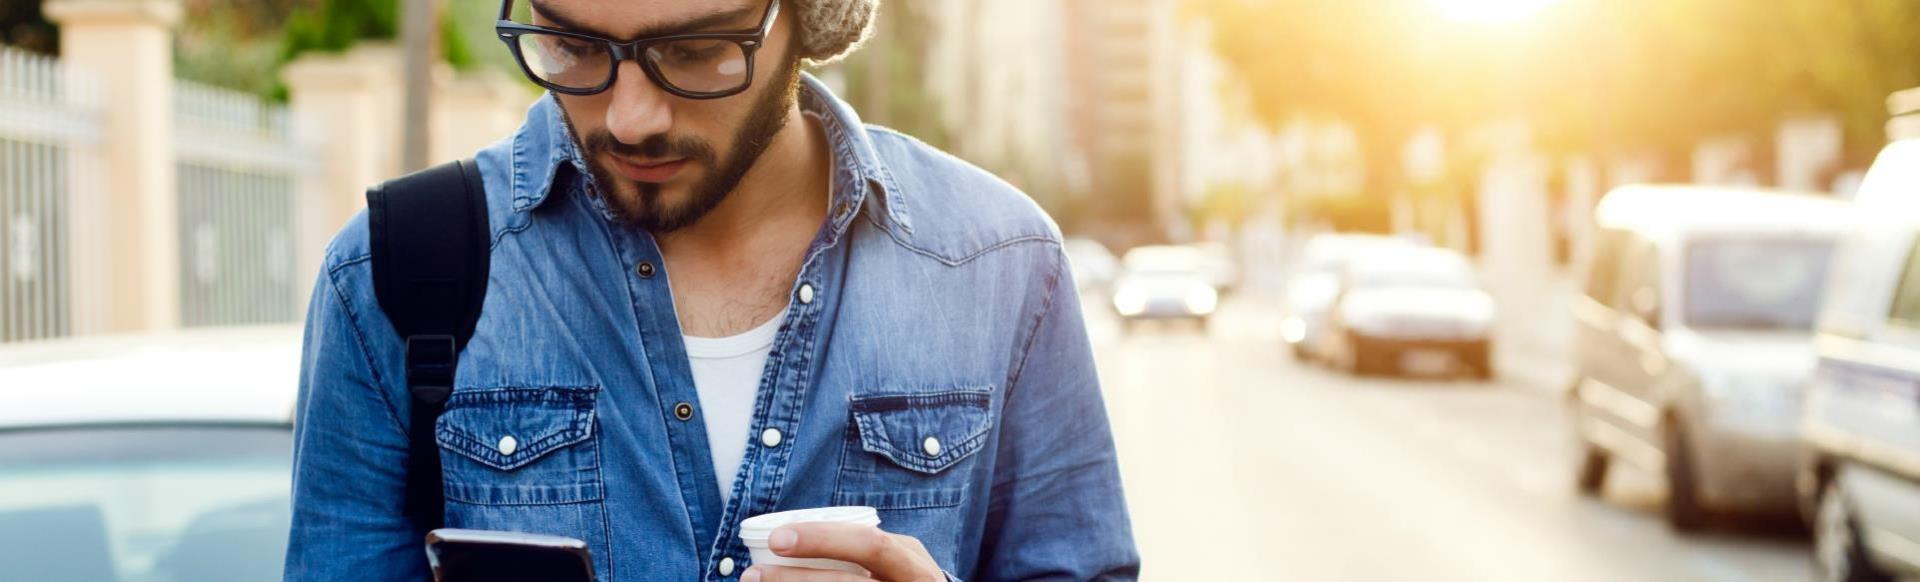 Молодой бородатый мужчина идет по улице, смотрит в свой телефон, а за его спиной встает солнце.